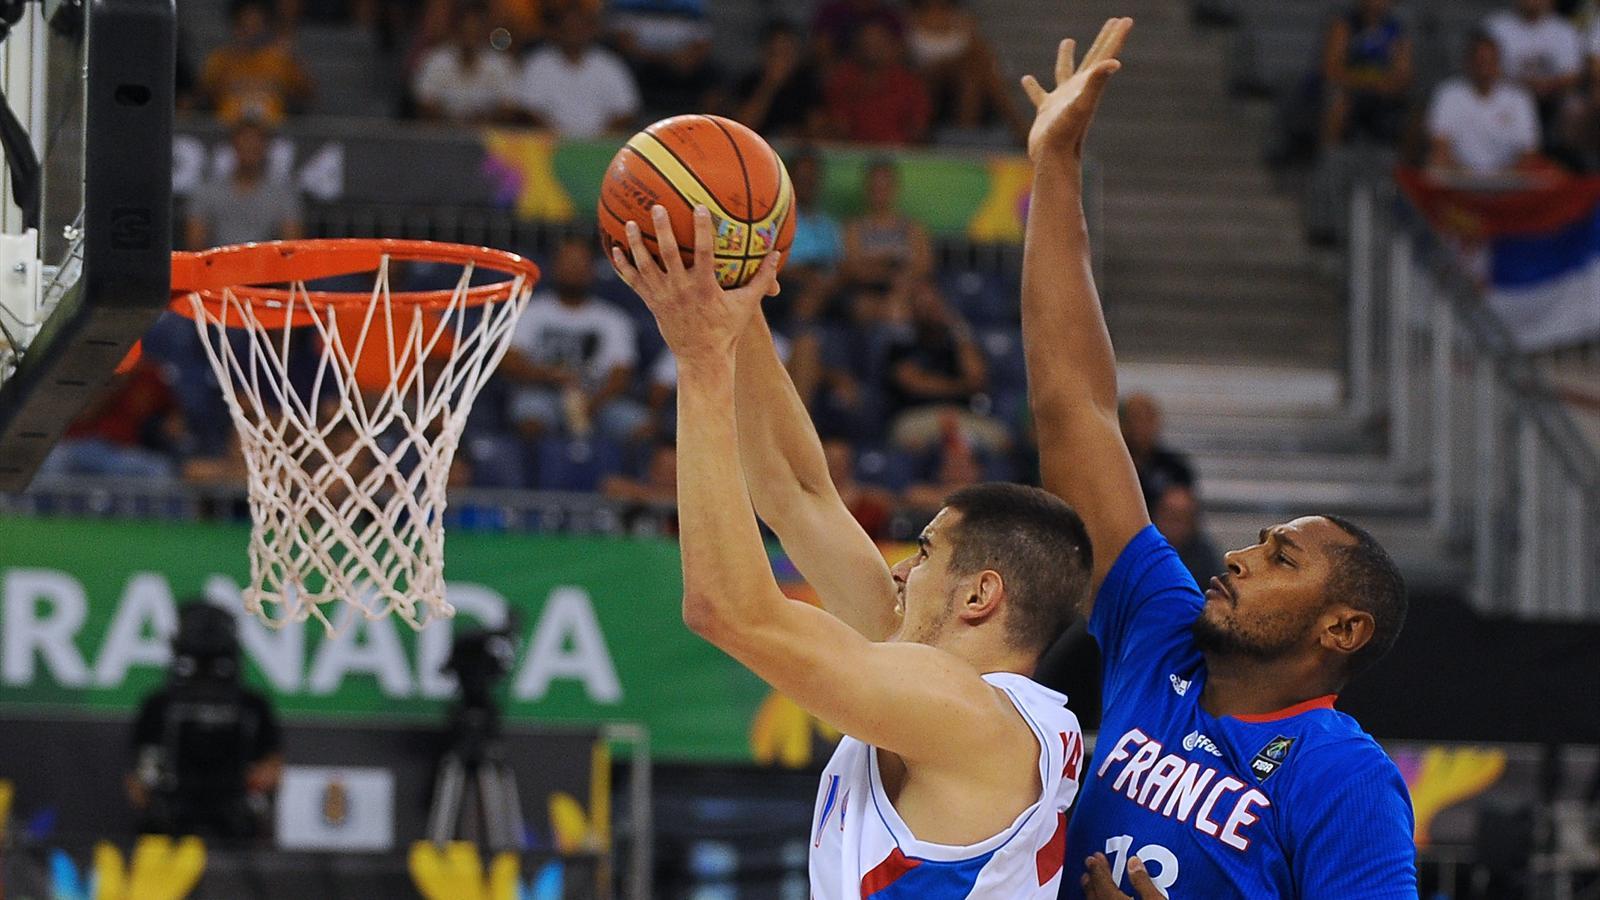 Coupe du monde victoire au finish des bleus contre la serbie 74 73 coupe du monde 2014 - Coupe du monde de basket ...